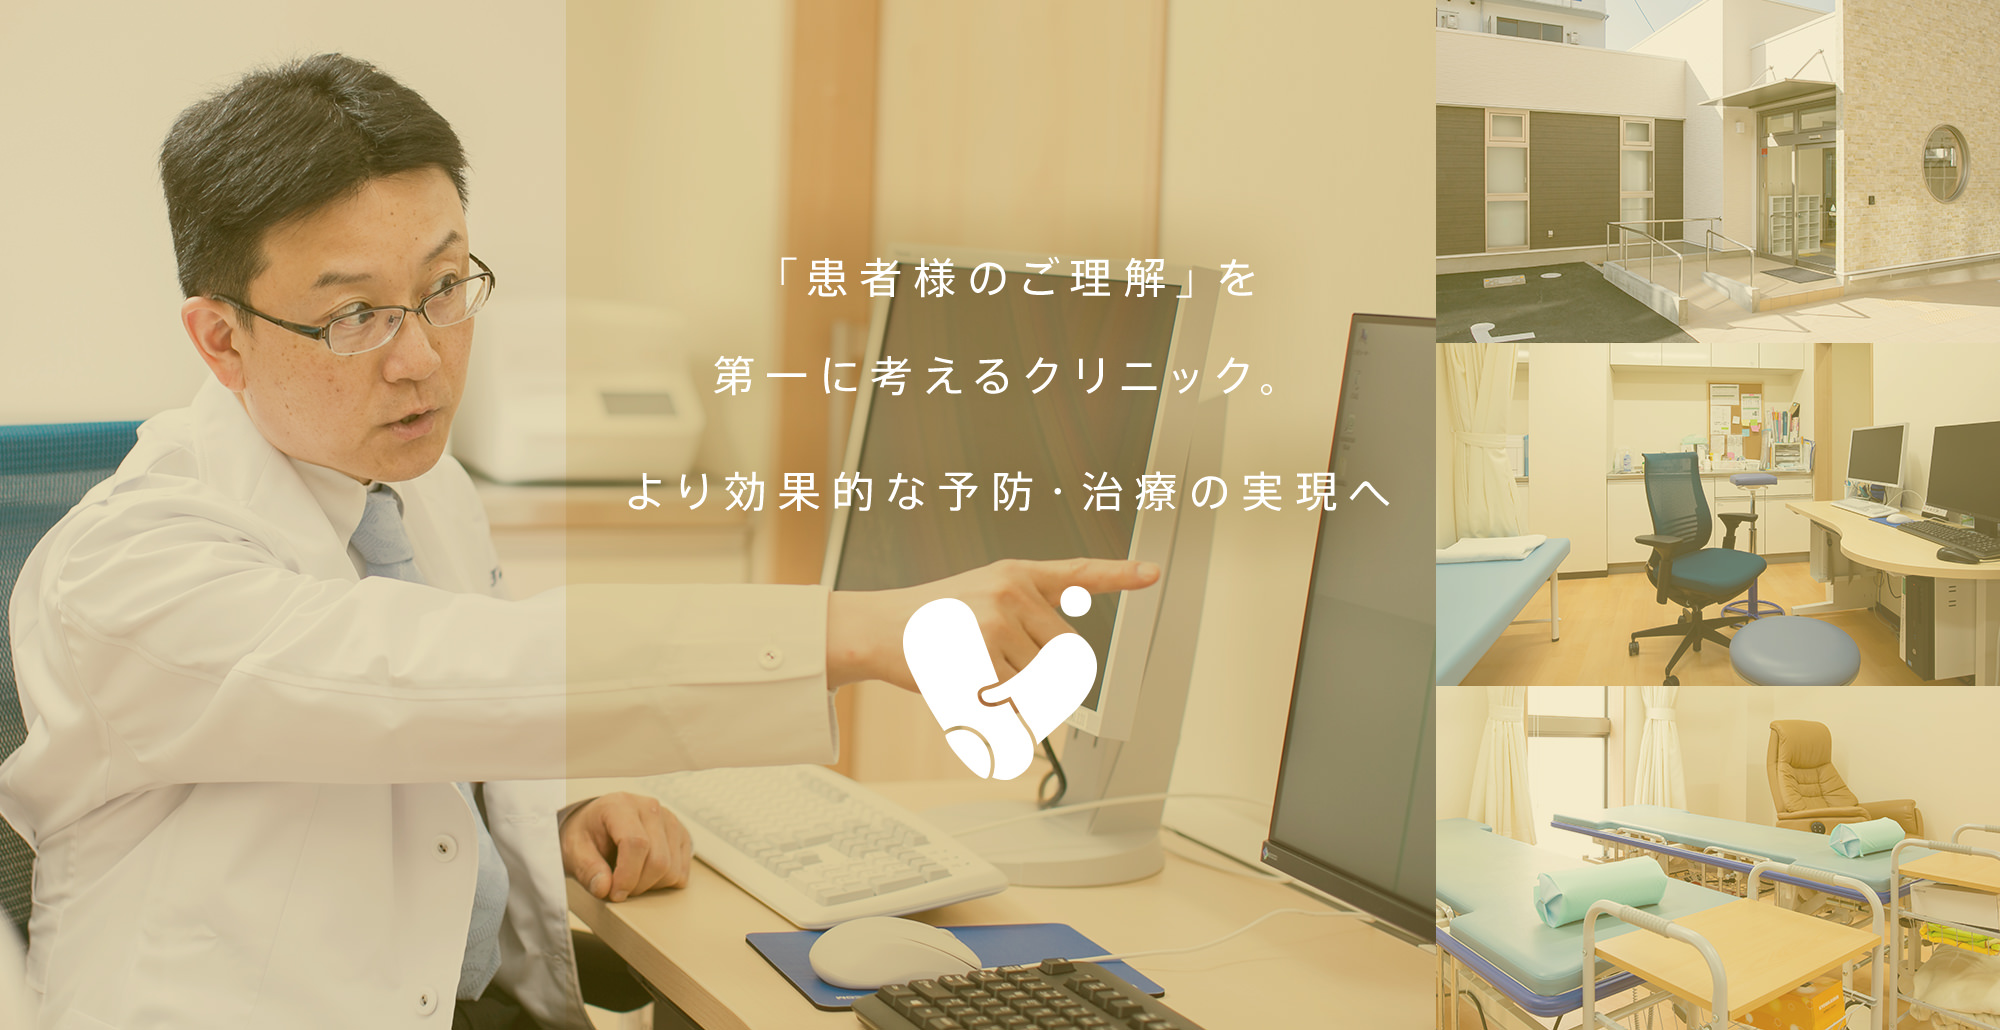 「患者様のご理解」を第一に考えるクリニック。 より効果的な予防・治療の実現へ